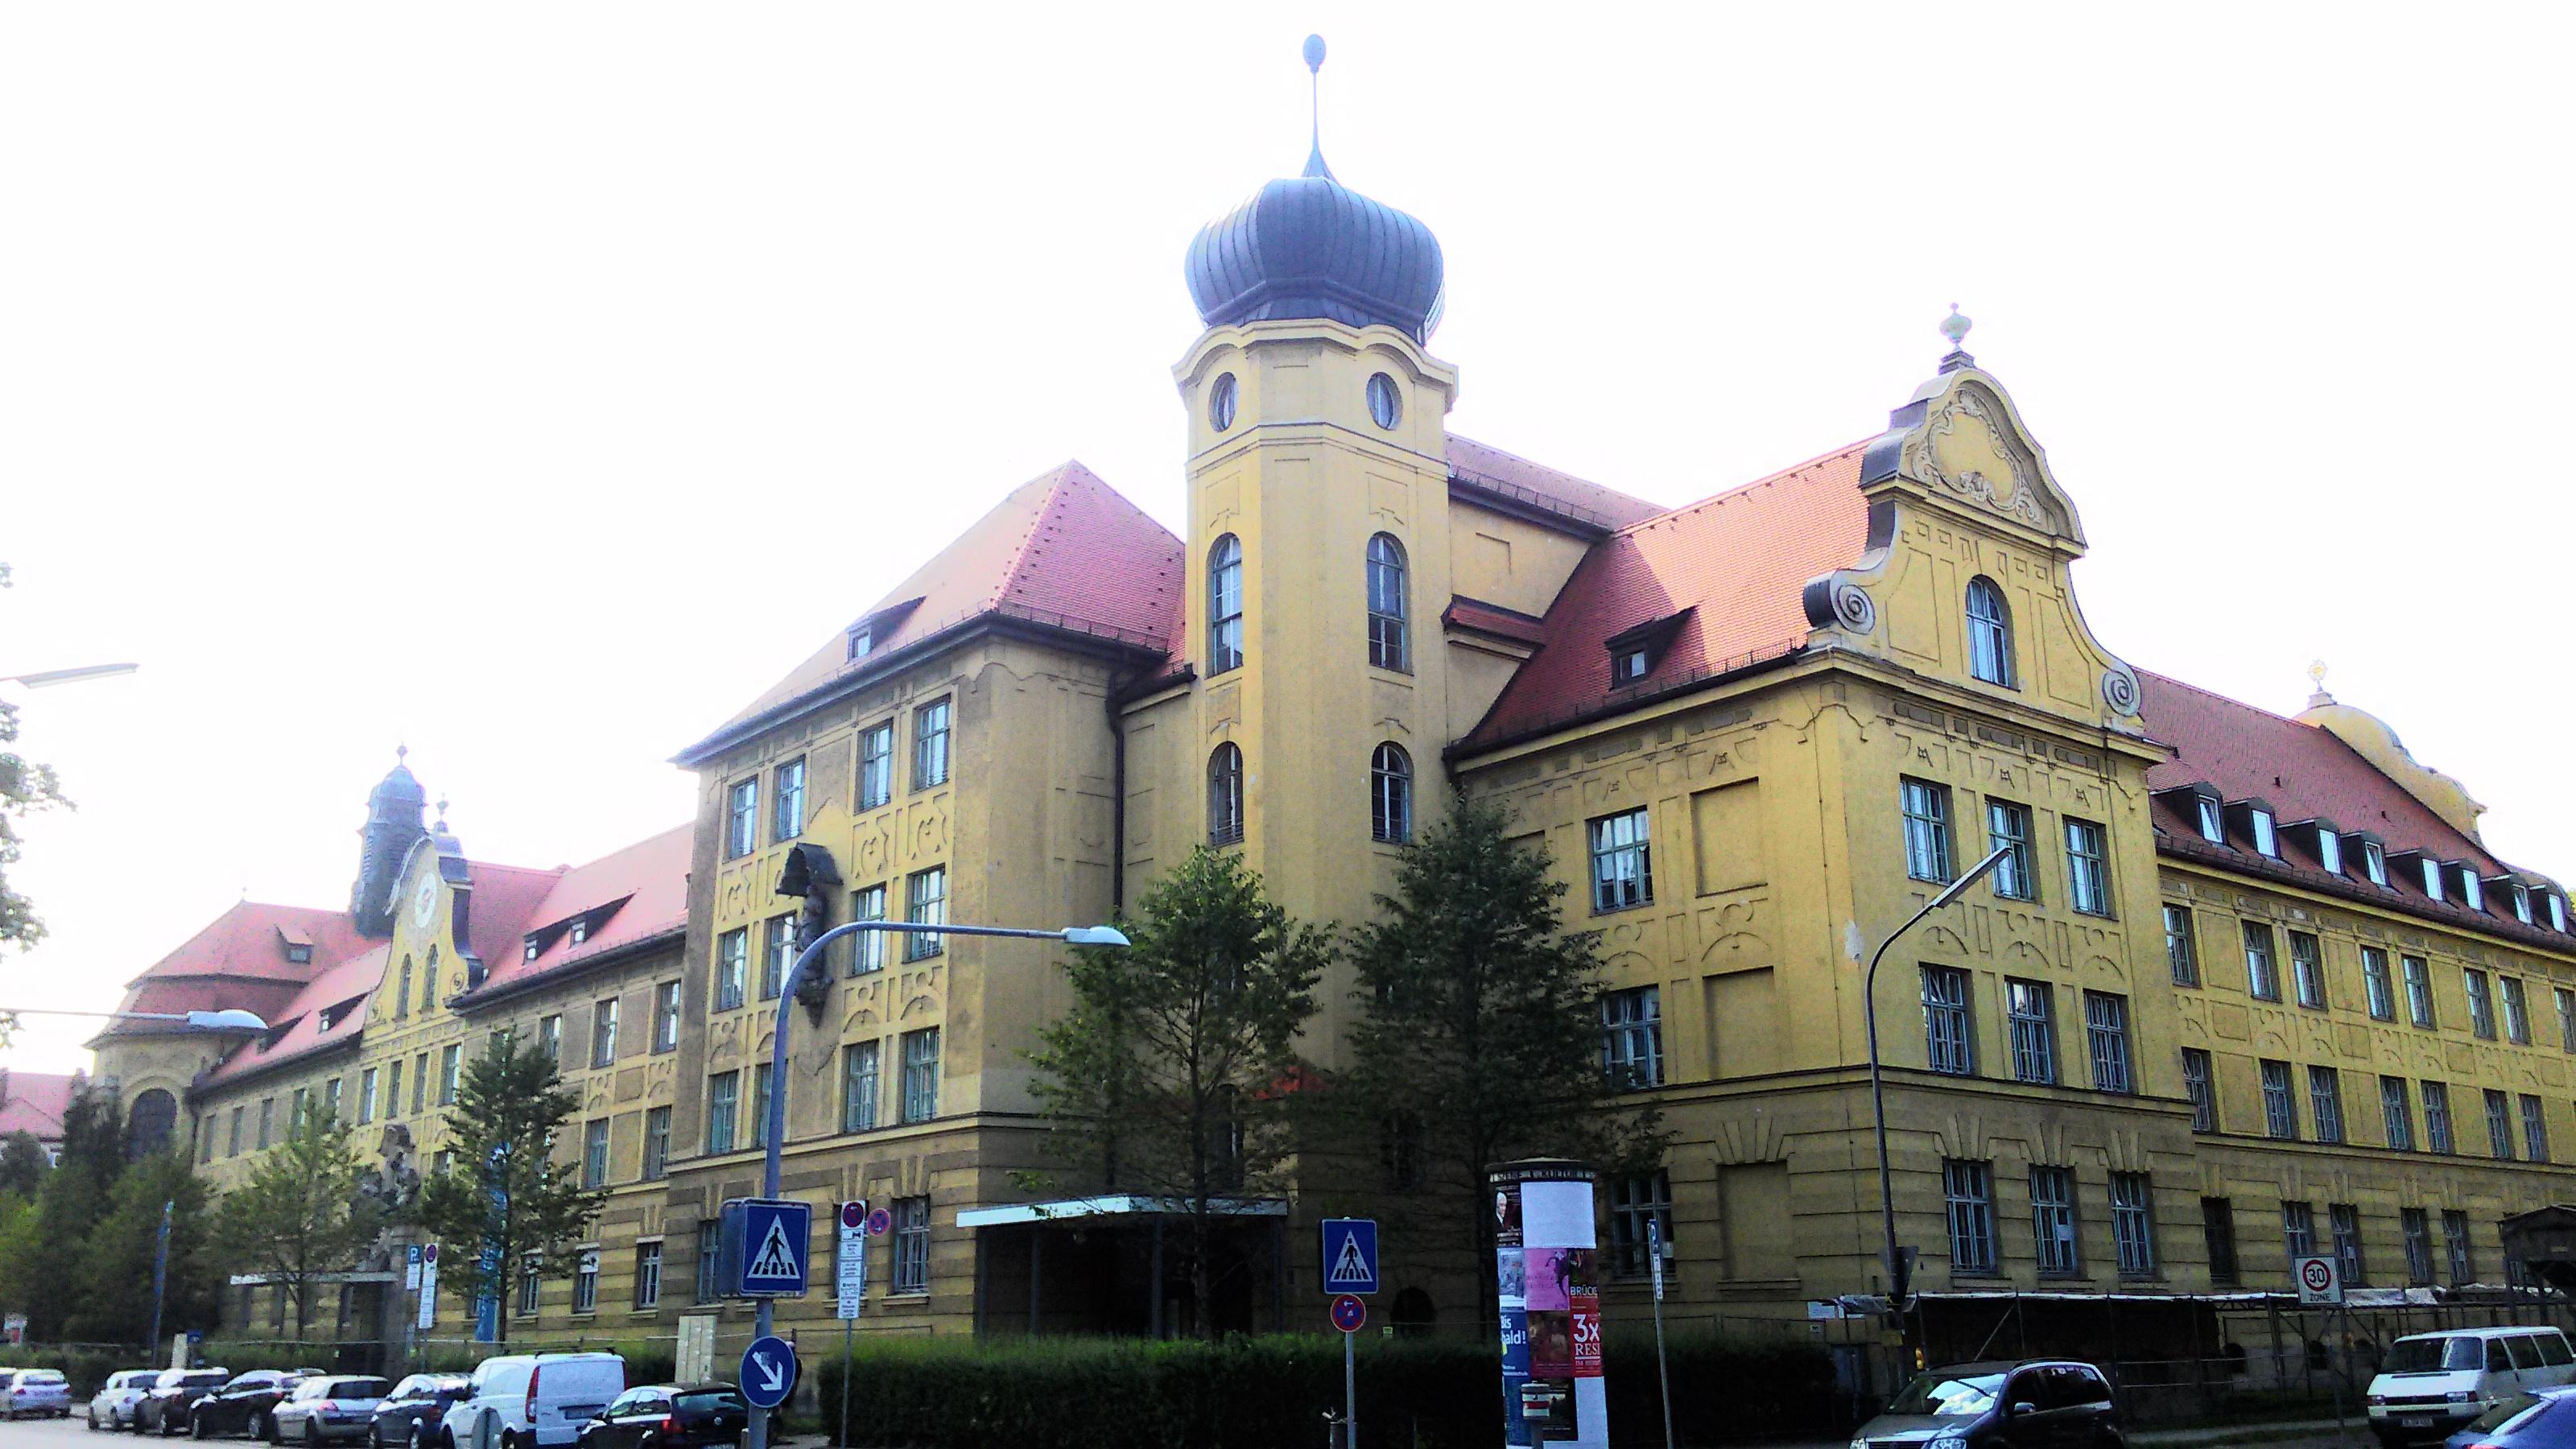 St Platz München file münchen armenversorgungshaus st martin ansicht st martins